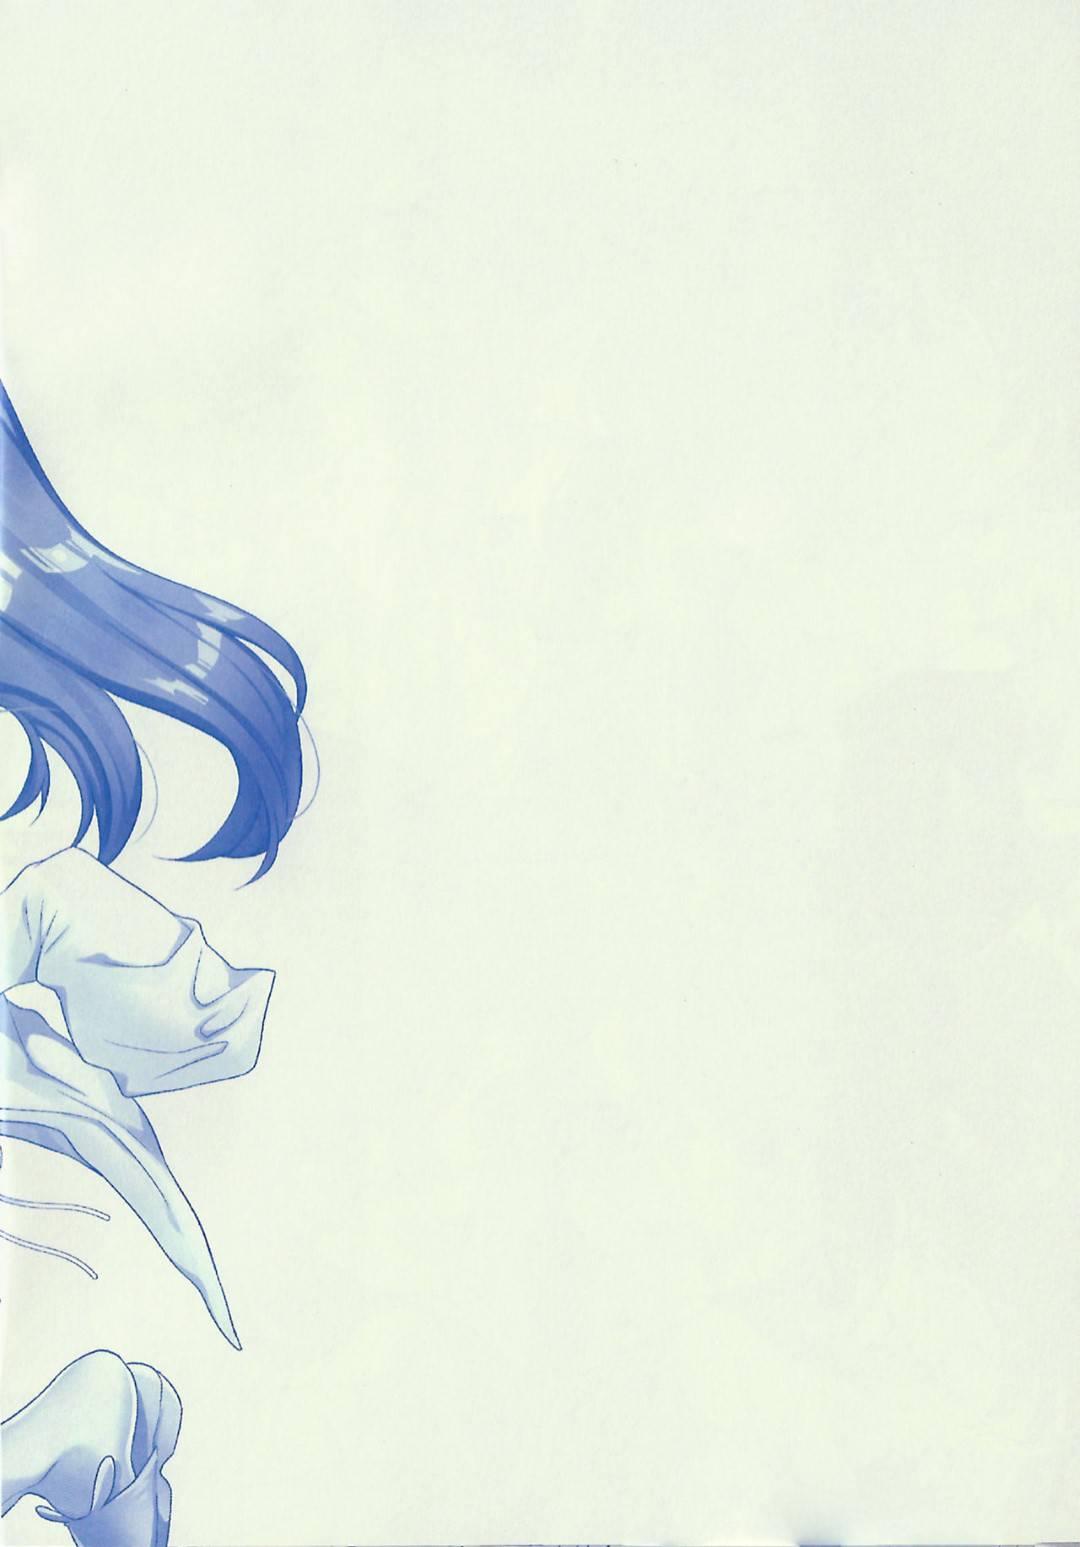 【エロ同人誌】新しい水着でマスターを誘惑する双子少女…Wフェラでマスターをご奉仕して同時にチンコと指を挿入してもらう3Pセックス!【さてはてな:WaterBlue】